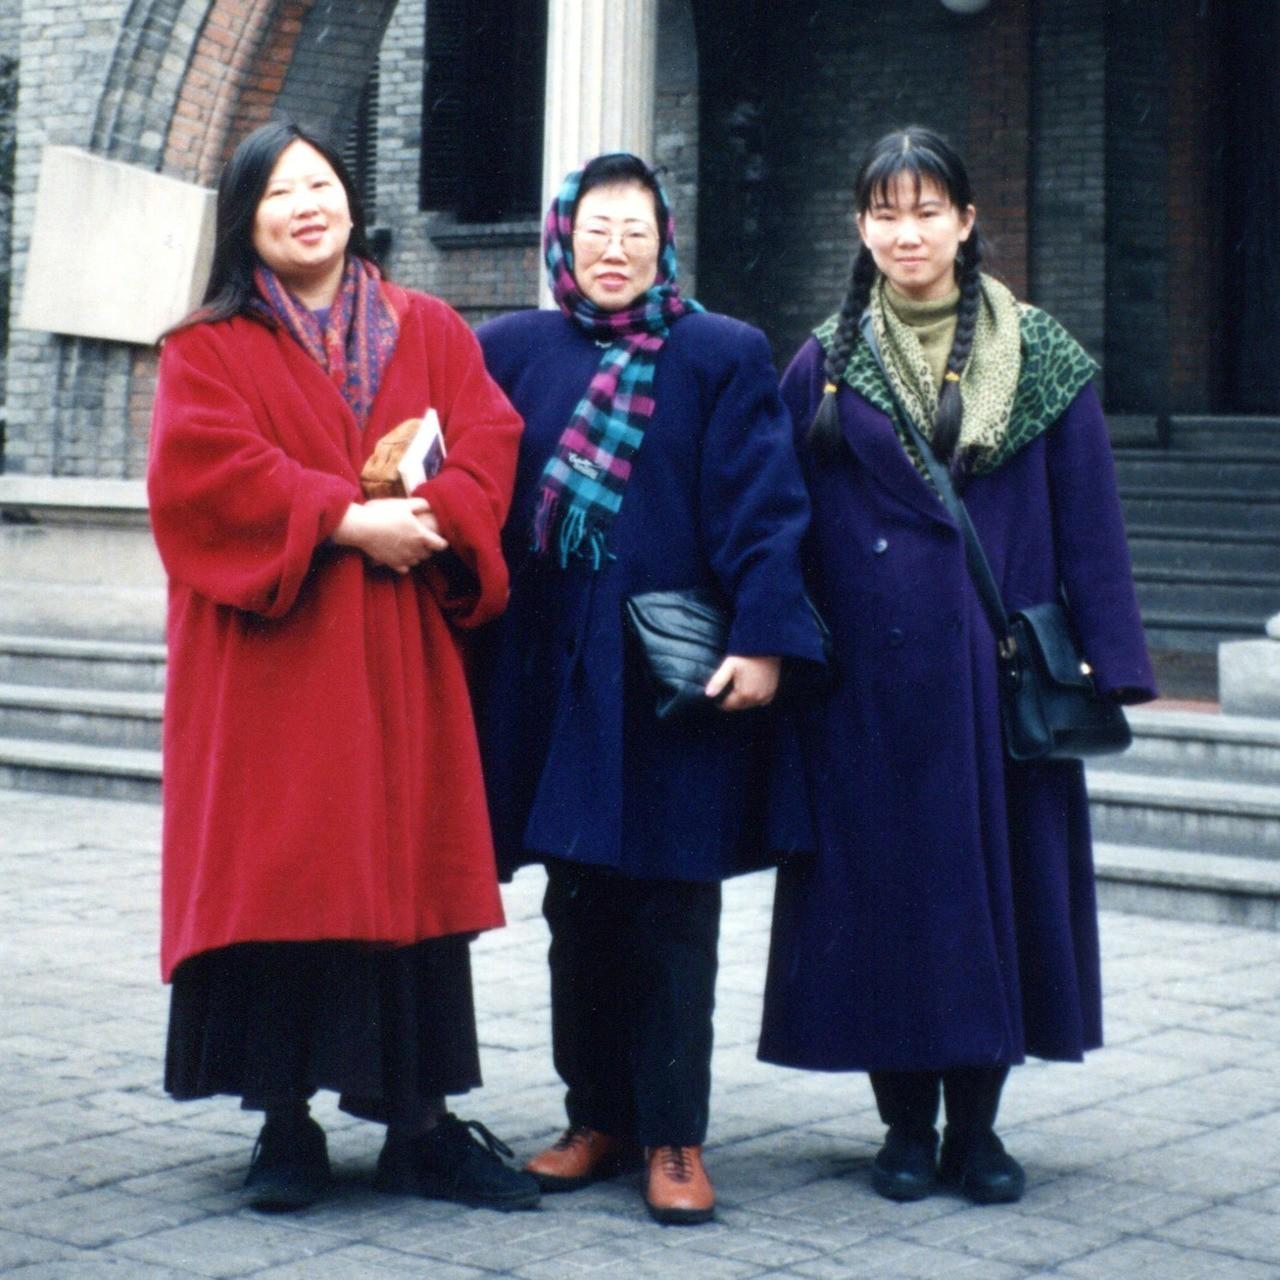 韓良憶(右)媽媽(中)和姊姊韓良露。圖/韓良憶 提供